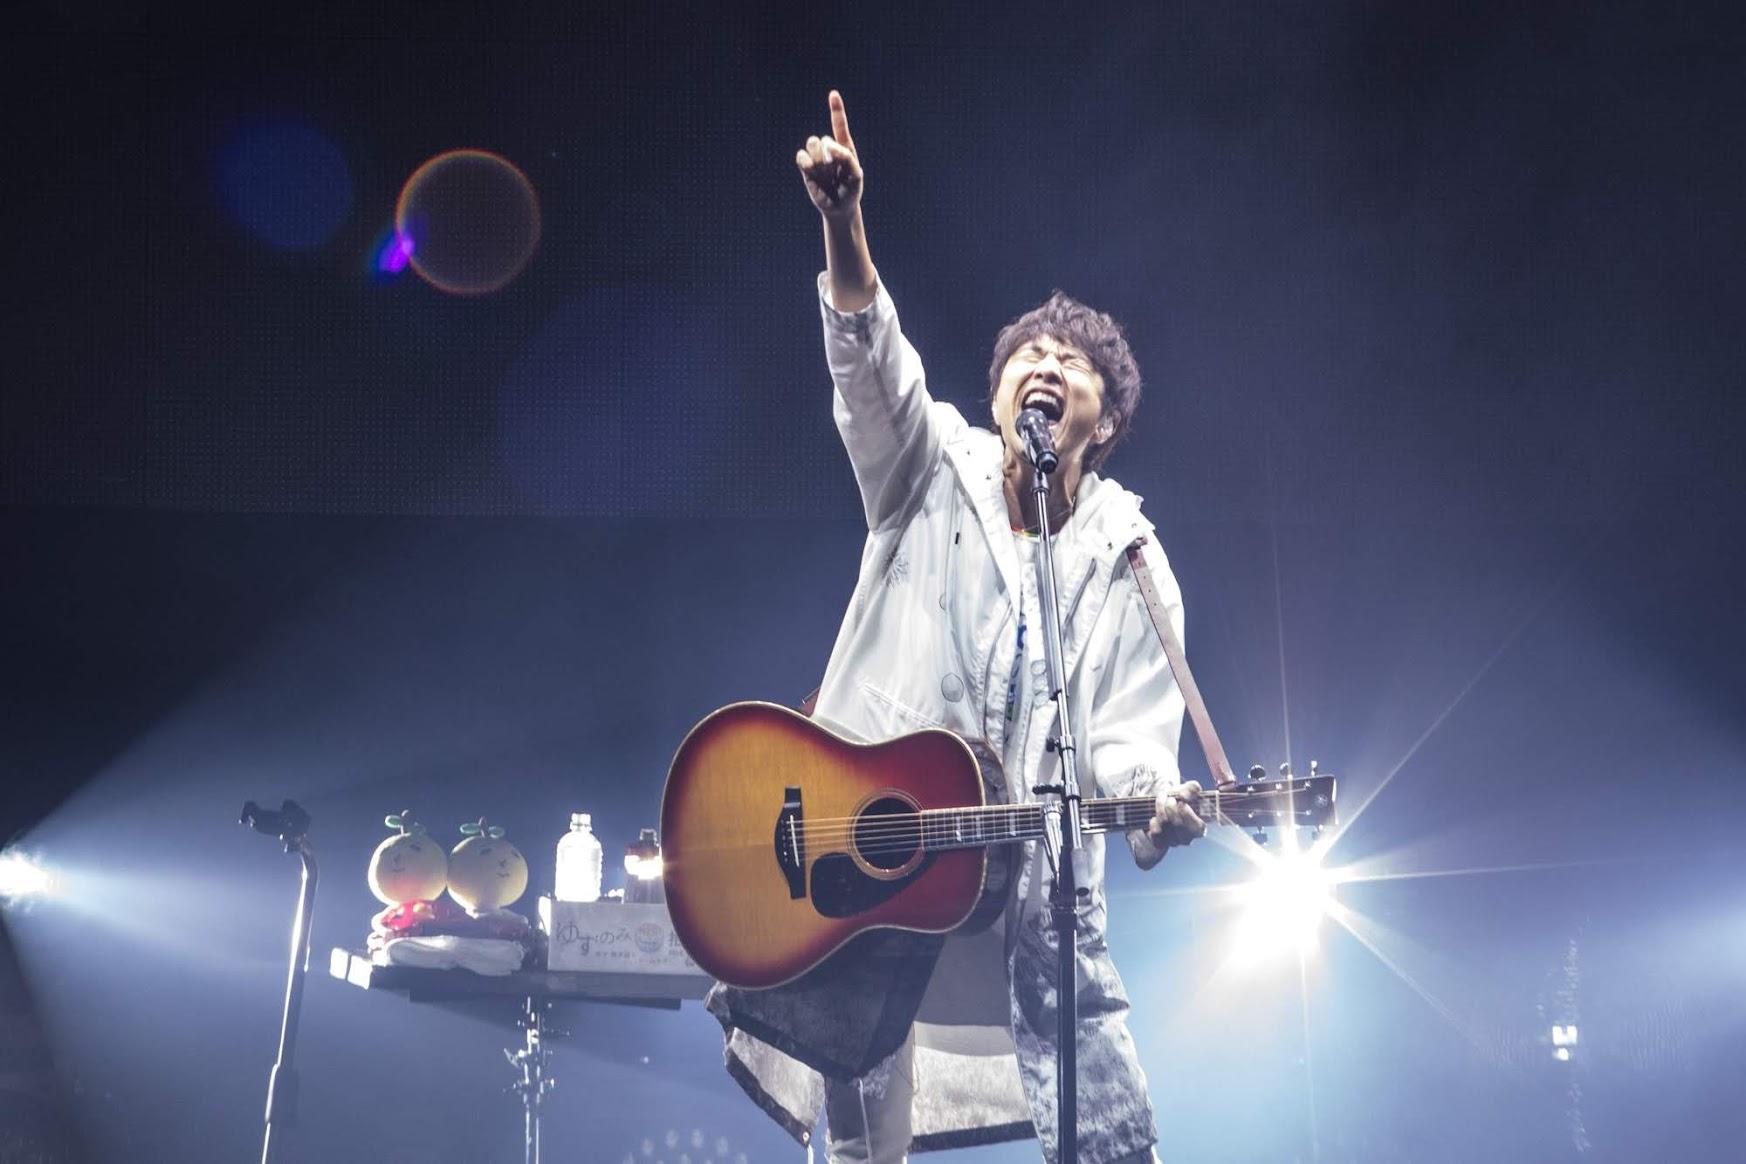 柚子 ゆず 2019.9.29 (照片:WHOSDANDAN)